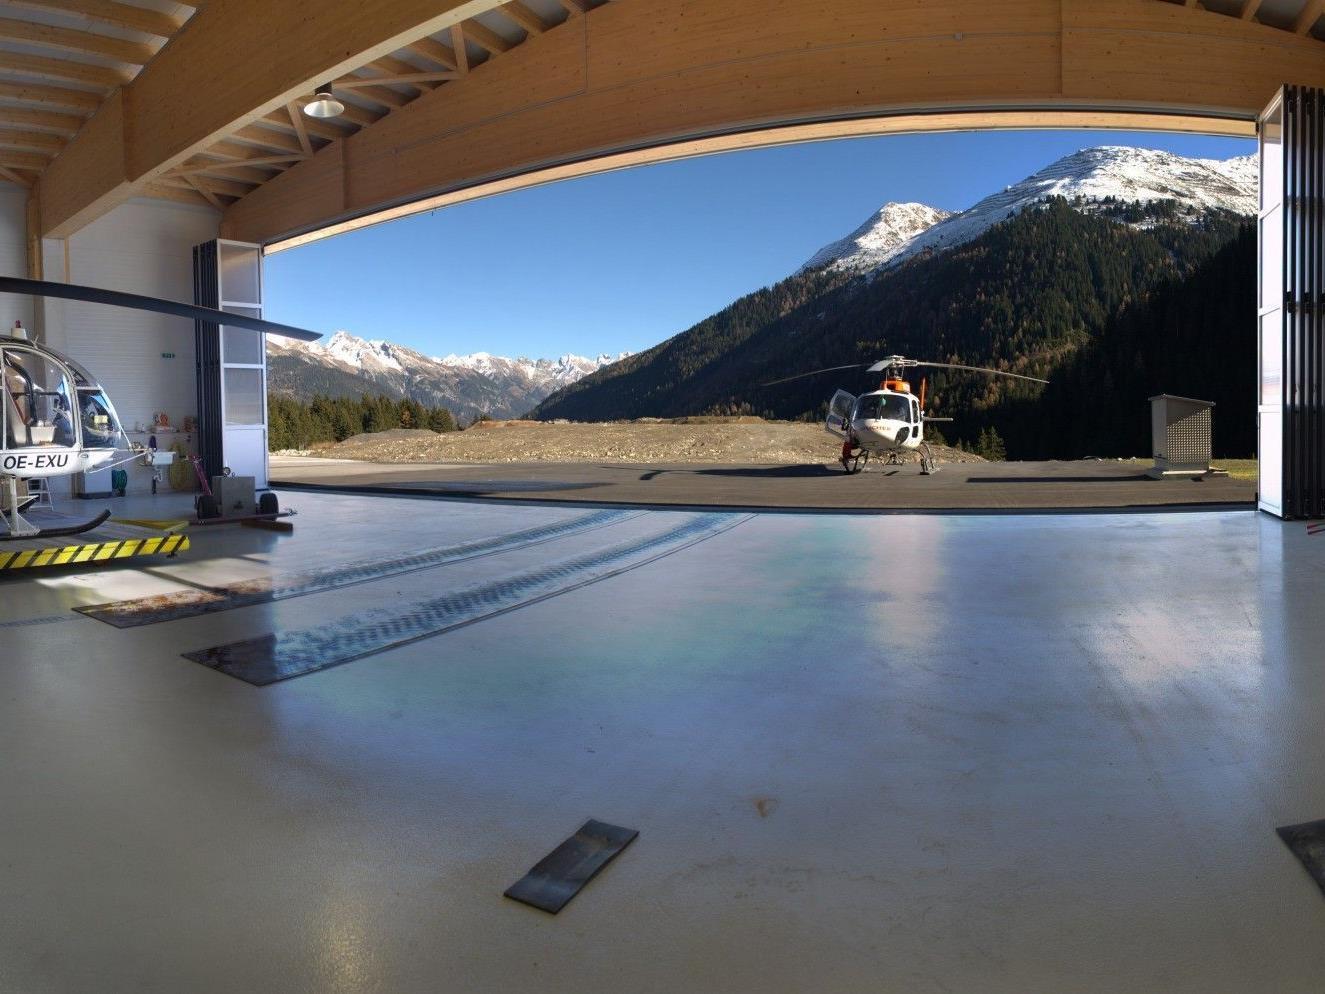 Die moderne Hangarhalle wurde pünktlich zur Wintersaison fertig.